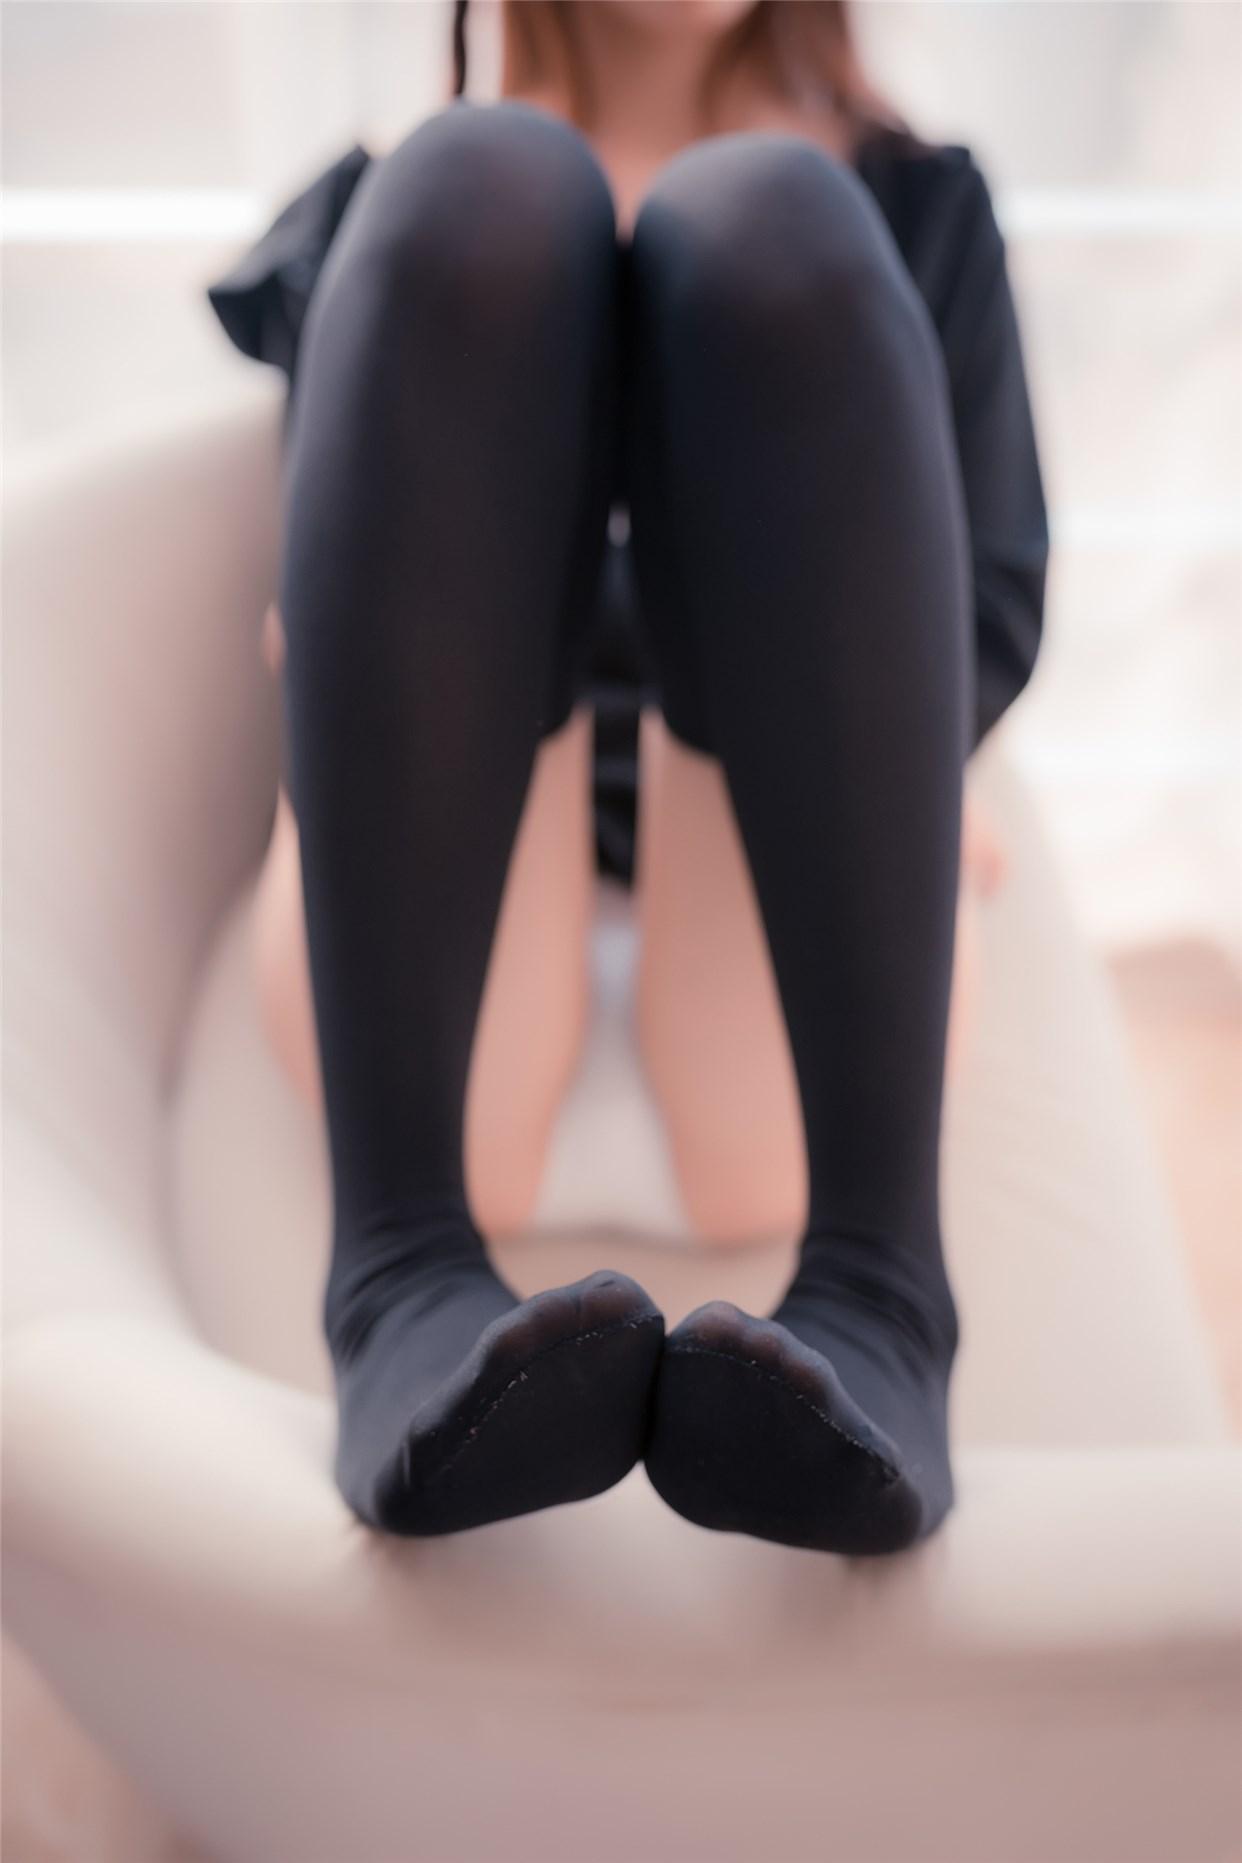 【兔玩映画】黄昏下的小细腿 兔玩映画 第16张